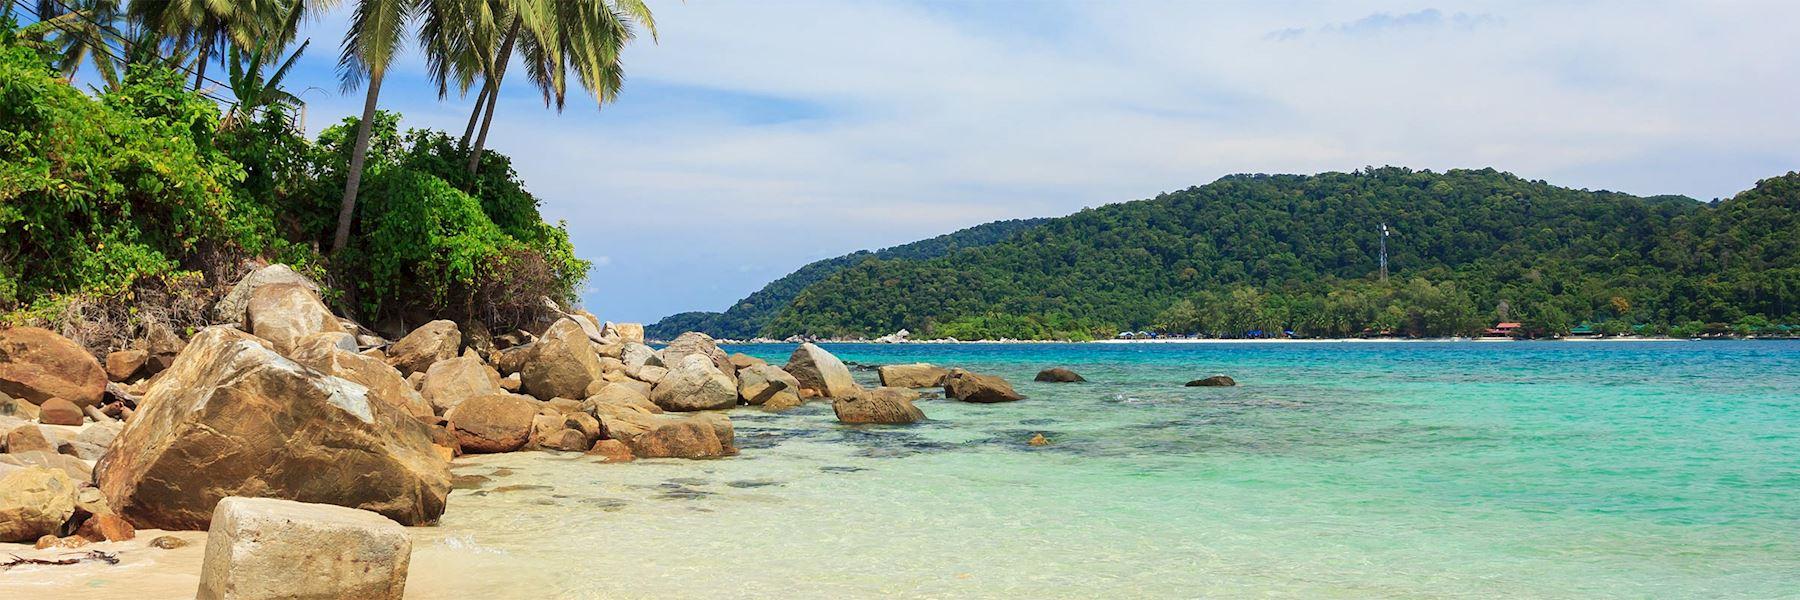 Visit the East Coast, Malaysia